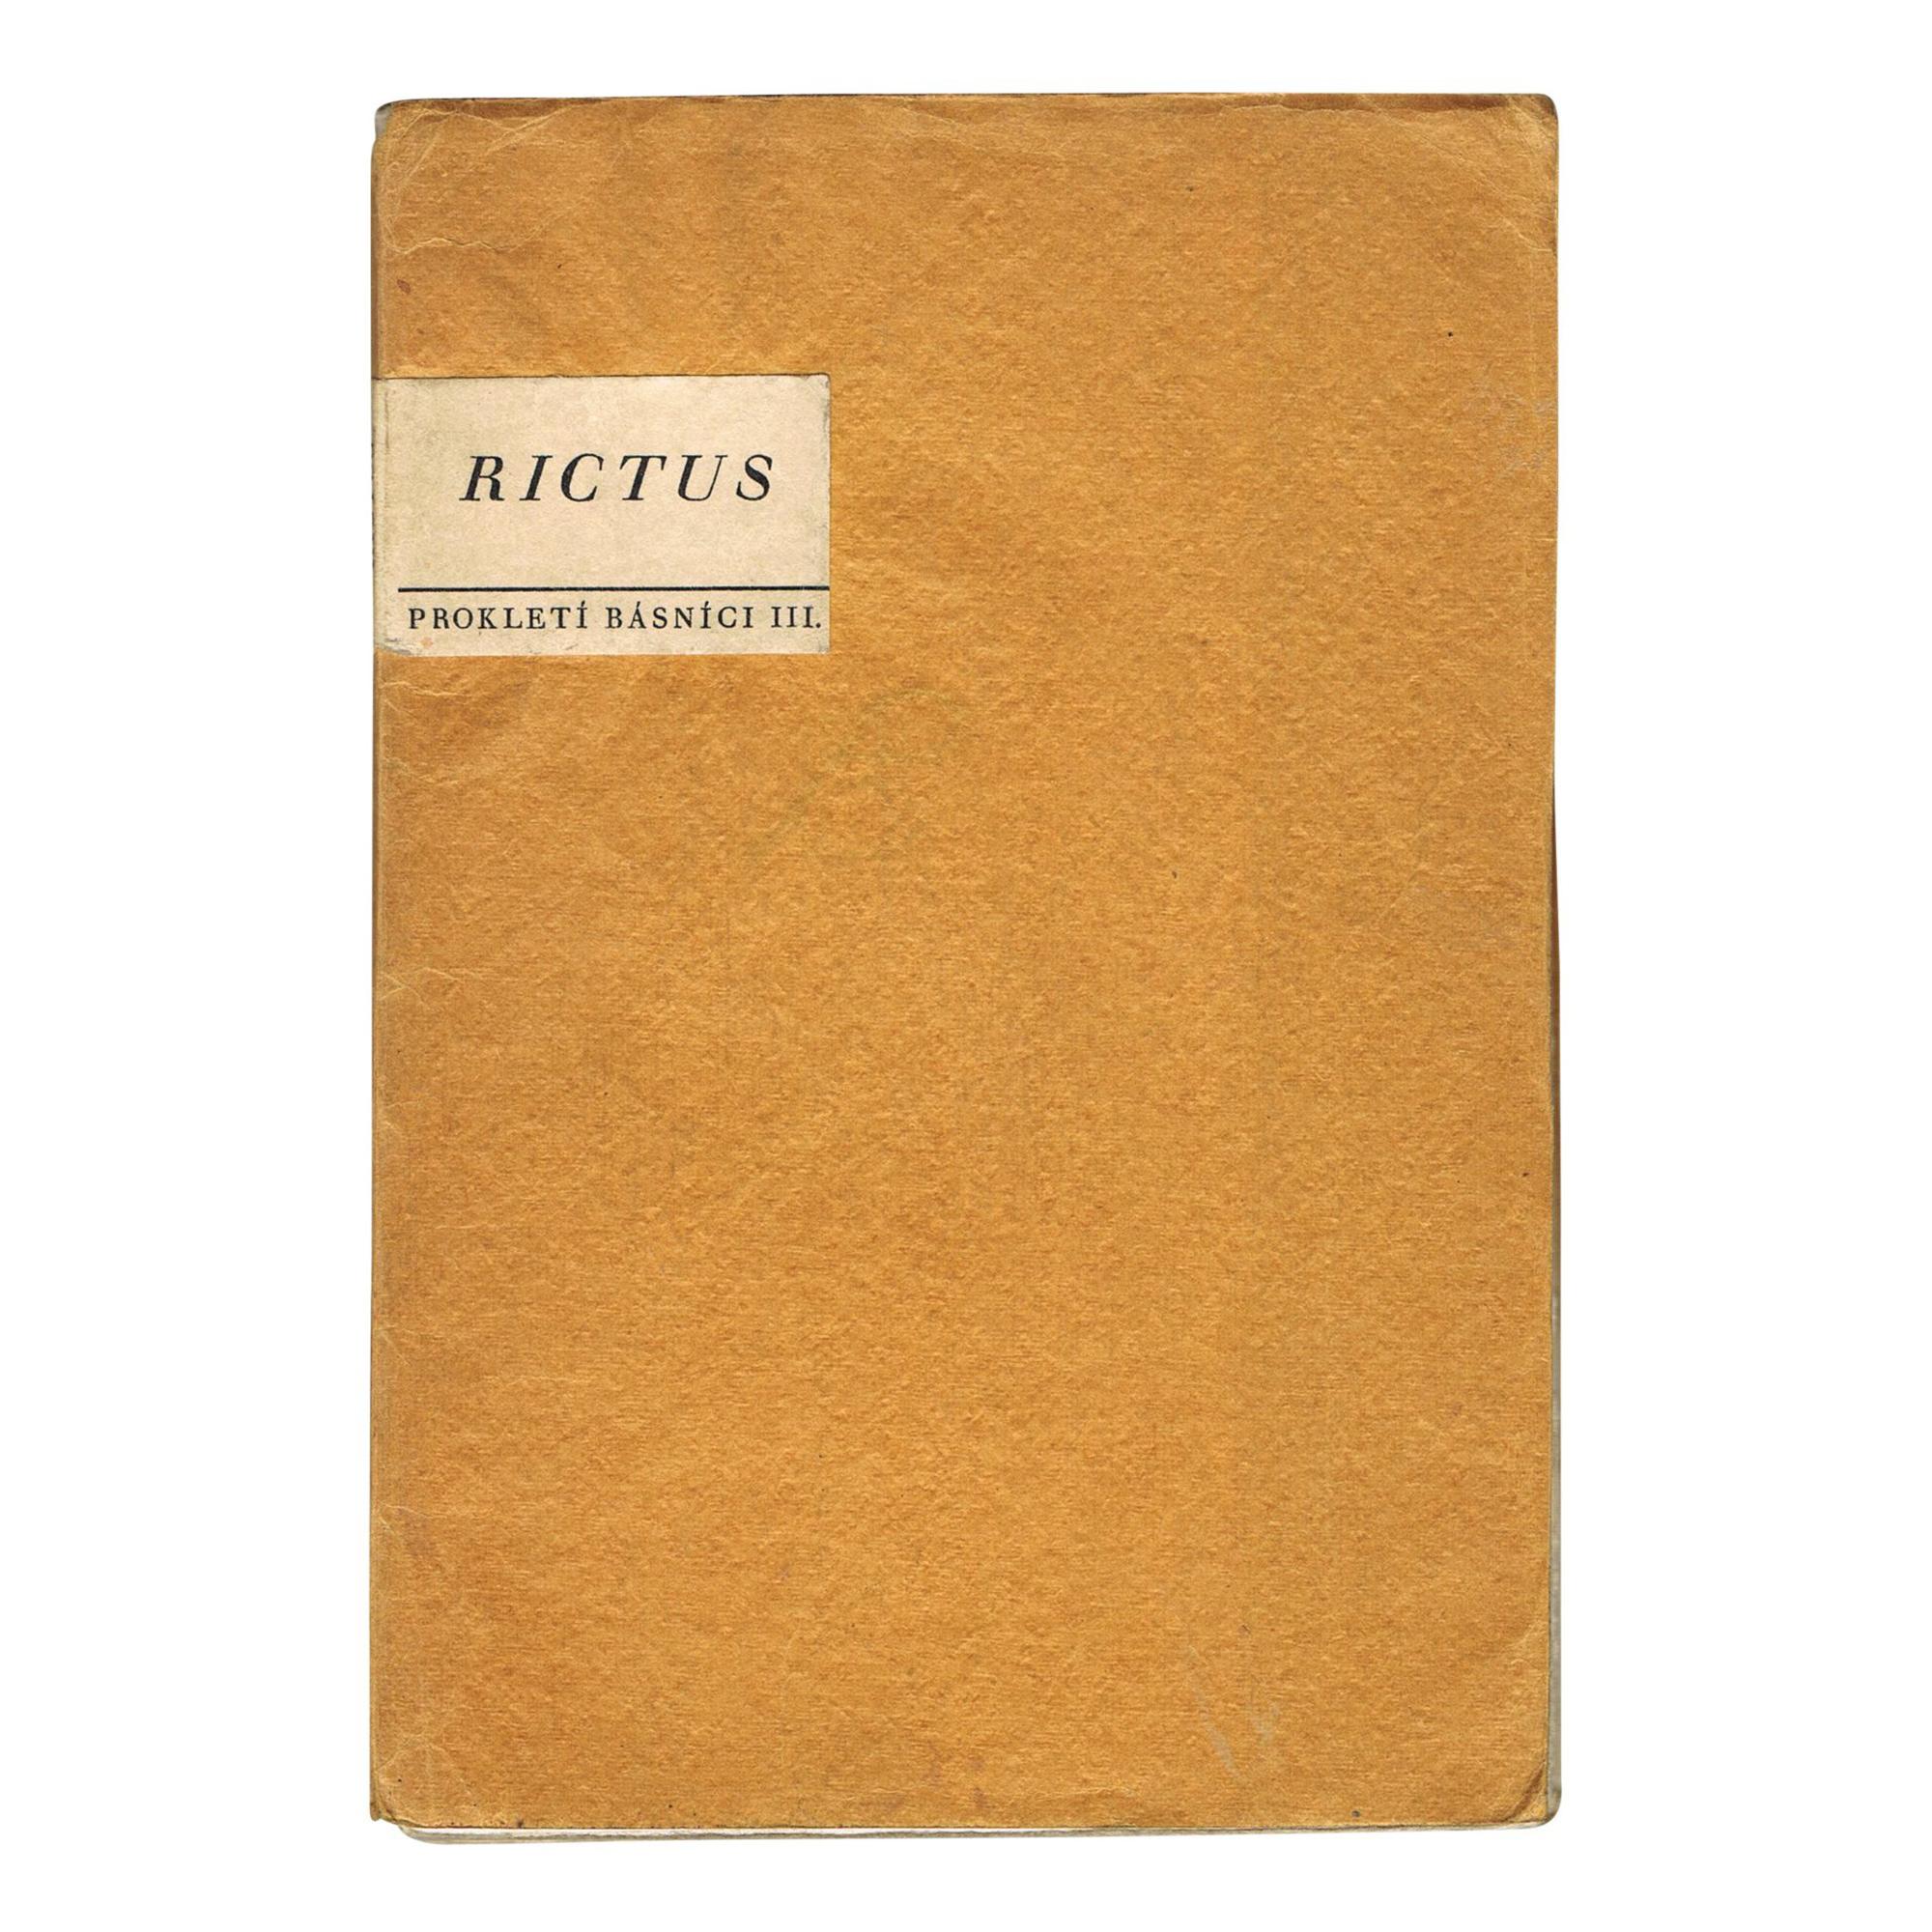 26-1361-Rictus-Obrtel-Poesie-1929-1-1200×1741-1.jpg